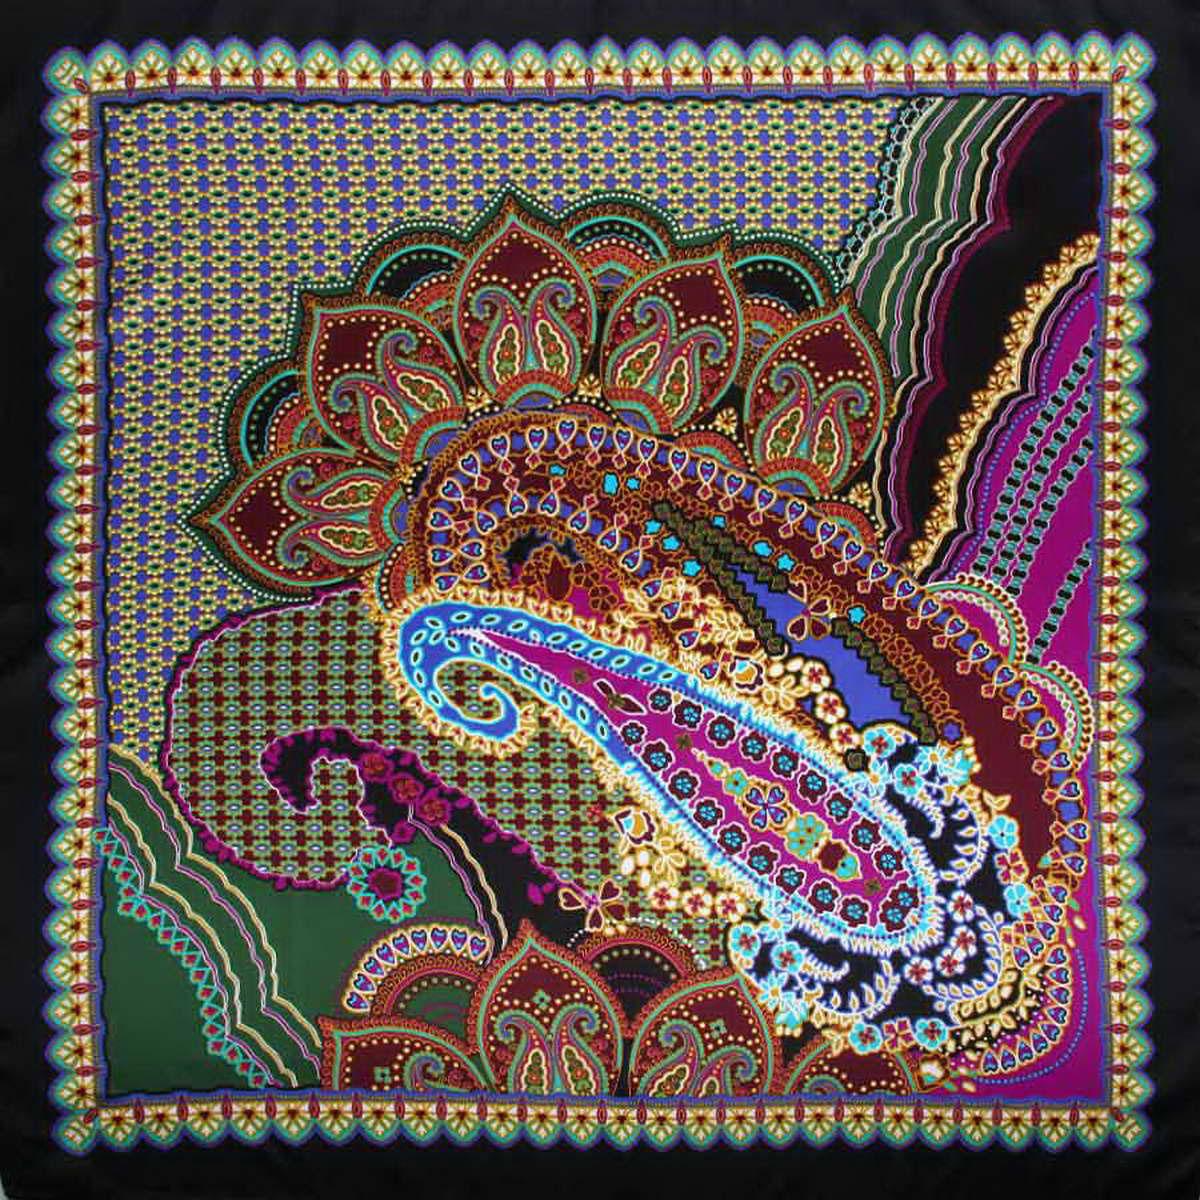 Платок женский Venera, цвет: черный, темно-зеленый, фуксия. 3906833-02. Размер 90 см х 90 см3906833-02Стильный женский платок Venera станет великолепным завершением любого наряда. Платок, изготовленный из полиэстера, оформлен оригинальным принтом. Классическая квадратная форма позволяет носить платок на шее, украшать им прическу или декорировать сумочку. Легкий и приятный на ощупь платок поможет вам создать изысканный женственный образ. Такой платок превосходно дополнит любой наряд и подчеркнет ваш неповторимый вкус и элегантность.